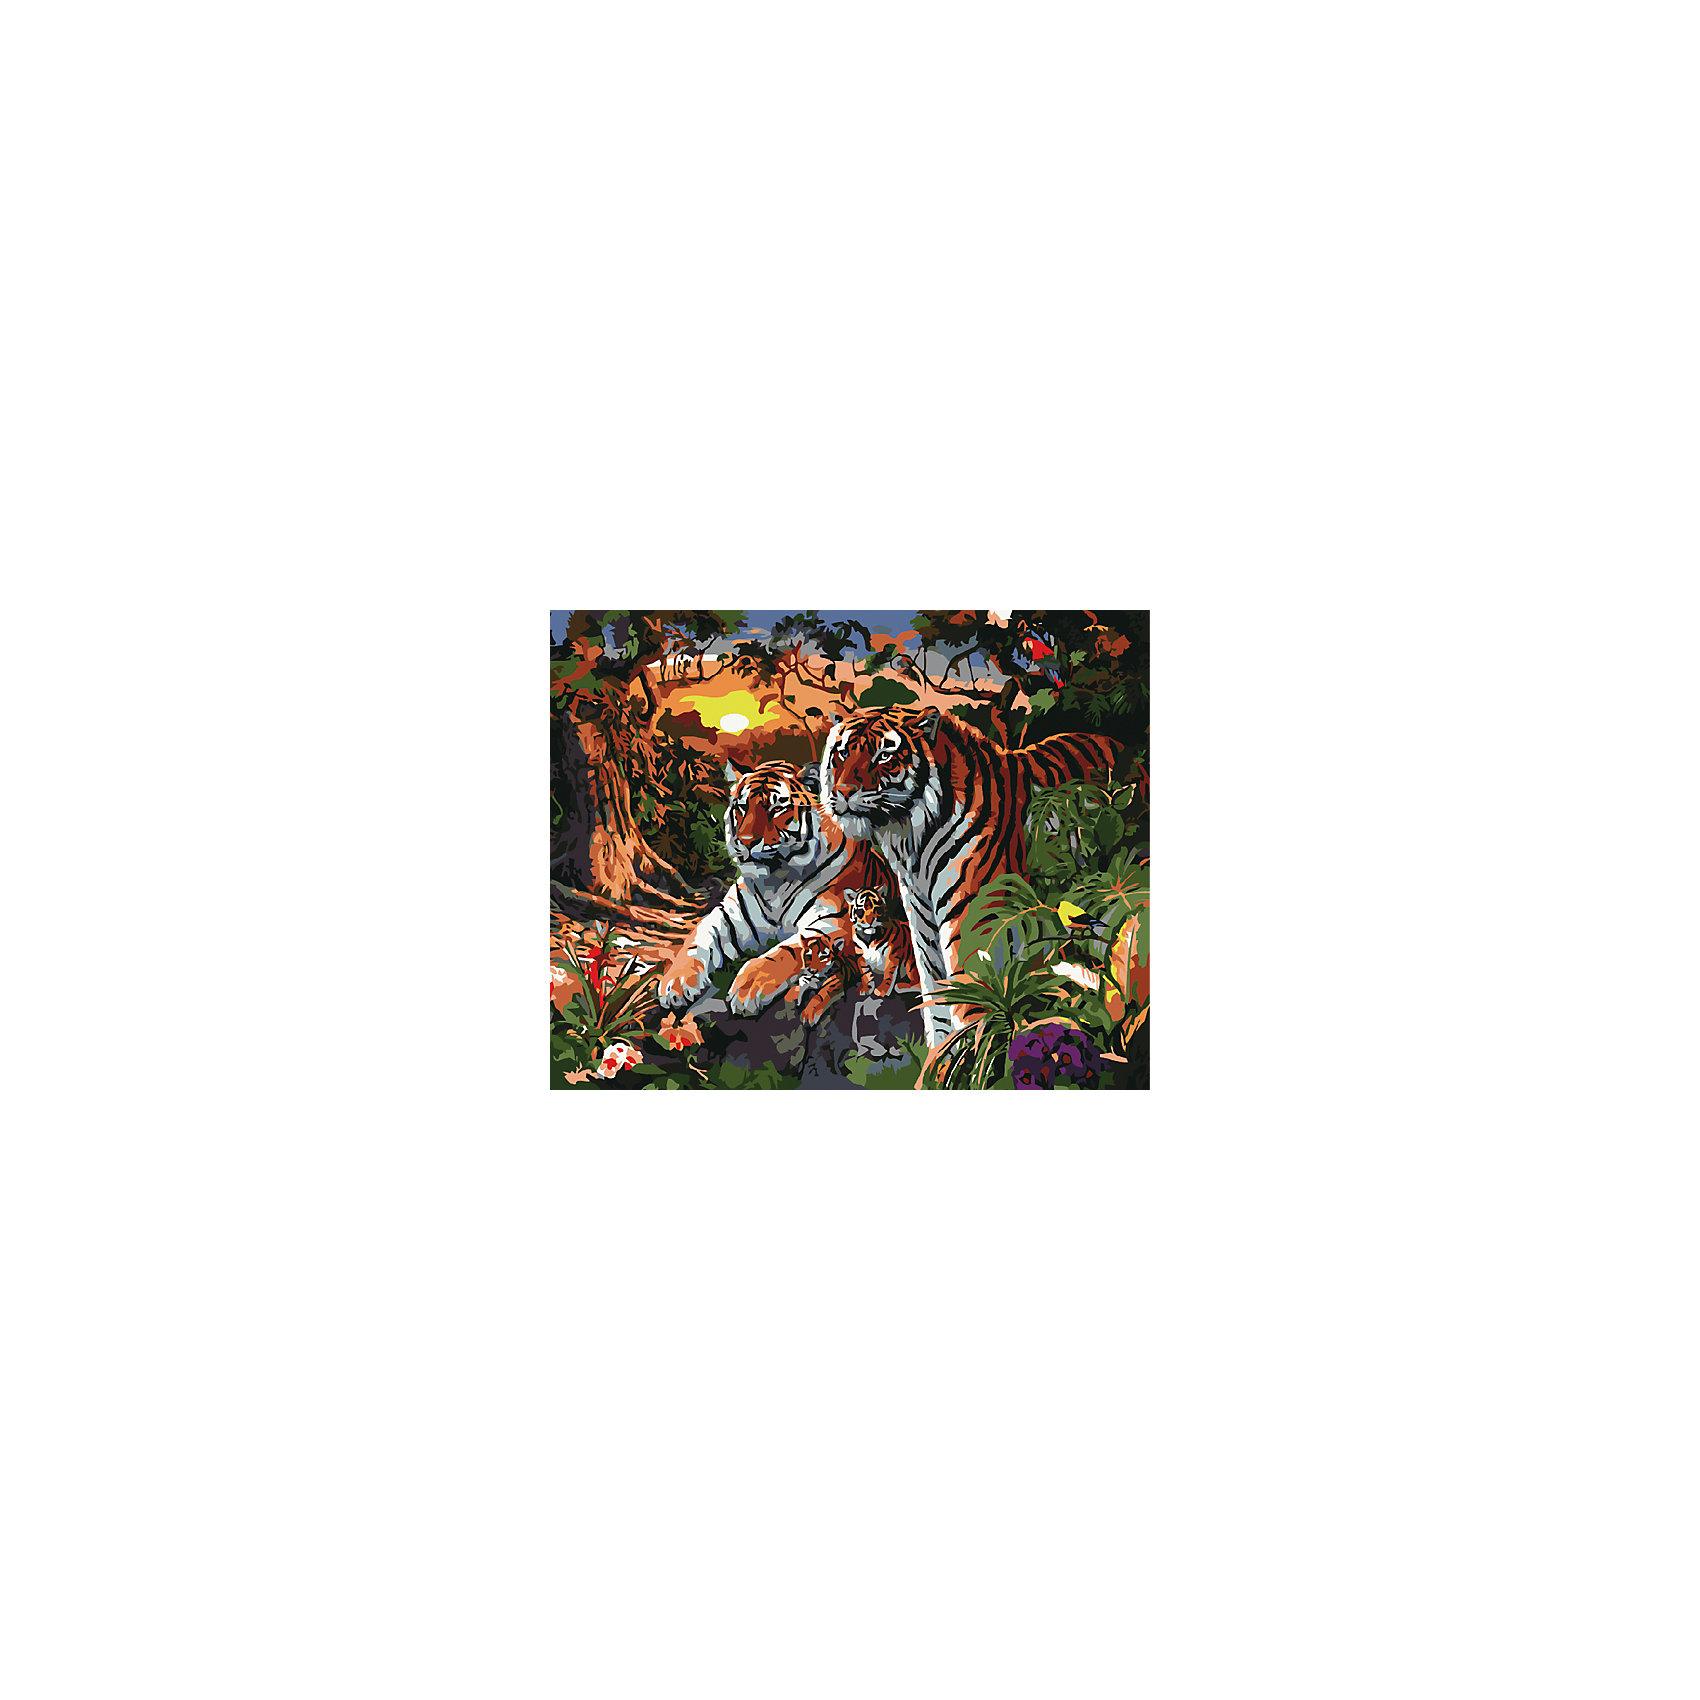 Холст с красками по номерам Семья Тигров 40х50 смРисование<br>замечательные наборы для создания уникального шедевра изобразительного искусства. Создание картин на специально подготовленной рабочей поверхности – это уникальная техника, позволяющая делать Ваши шедевры более яркими и реалистичными. Просто нанесите мазки на уже готовый эскиз и оживите картину! Готовые изделия могут стать украшением интерьера или прекрасным подарком близким и друзьям.<br><br>Ширина мм: 510<br>Глубина мм: 410<br>Высота мм: 25<br>Вес г: 1800<br>Возраст от месяцев: 36<br>Возраст до месяцев: 108<br>Пол: Унисекс<br>Возраст: Детский<br>SKU: 5096786